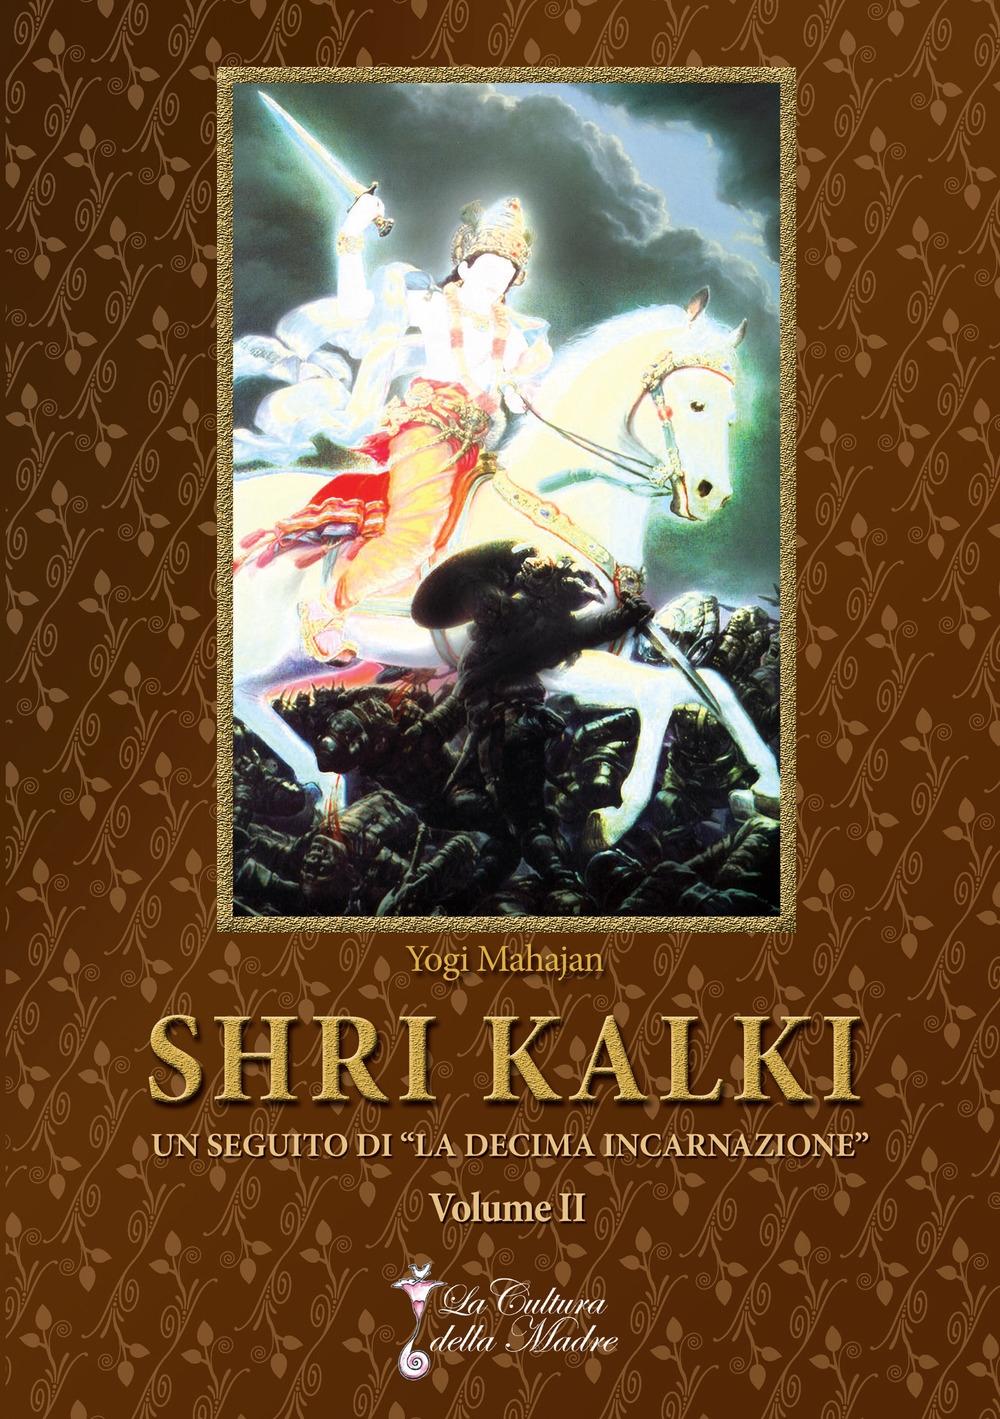 Shri Kalki.